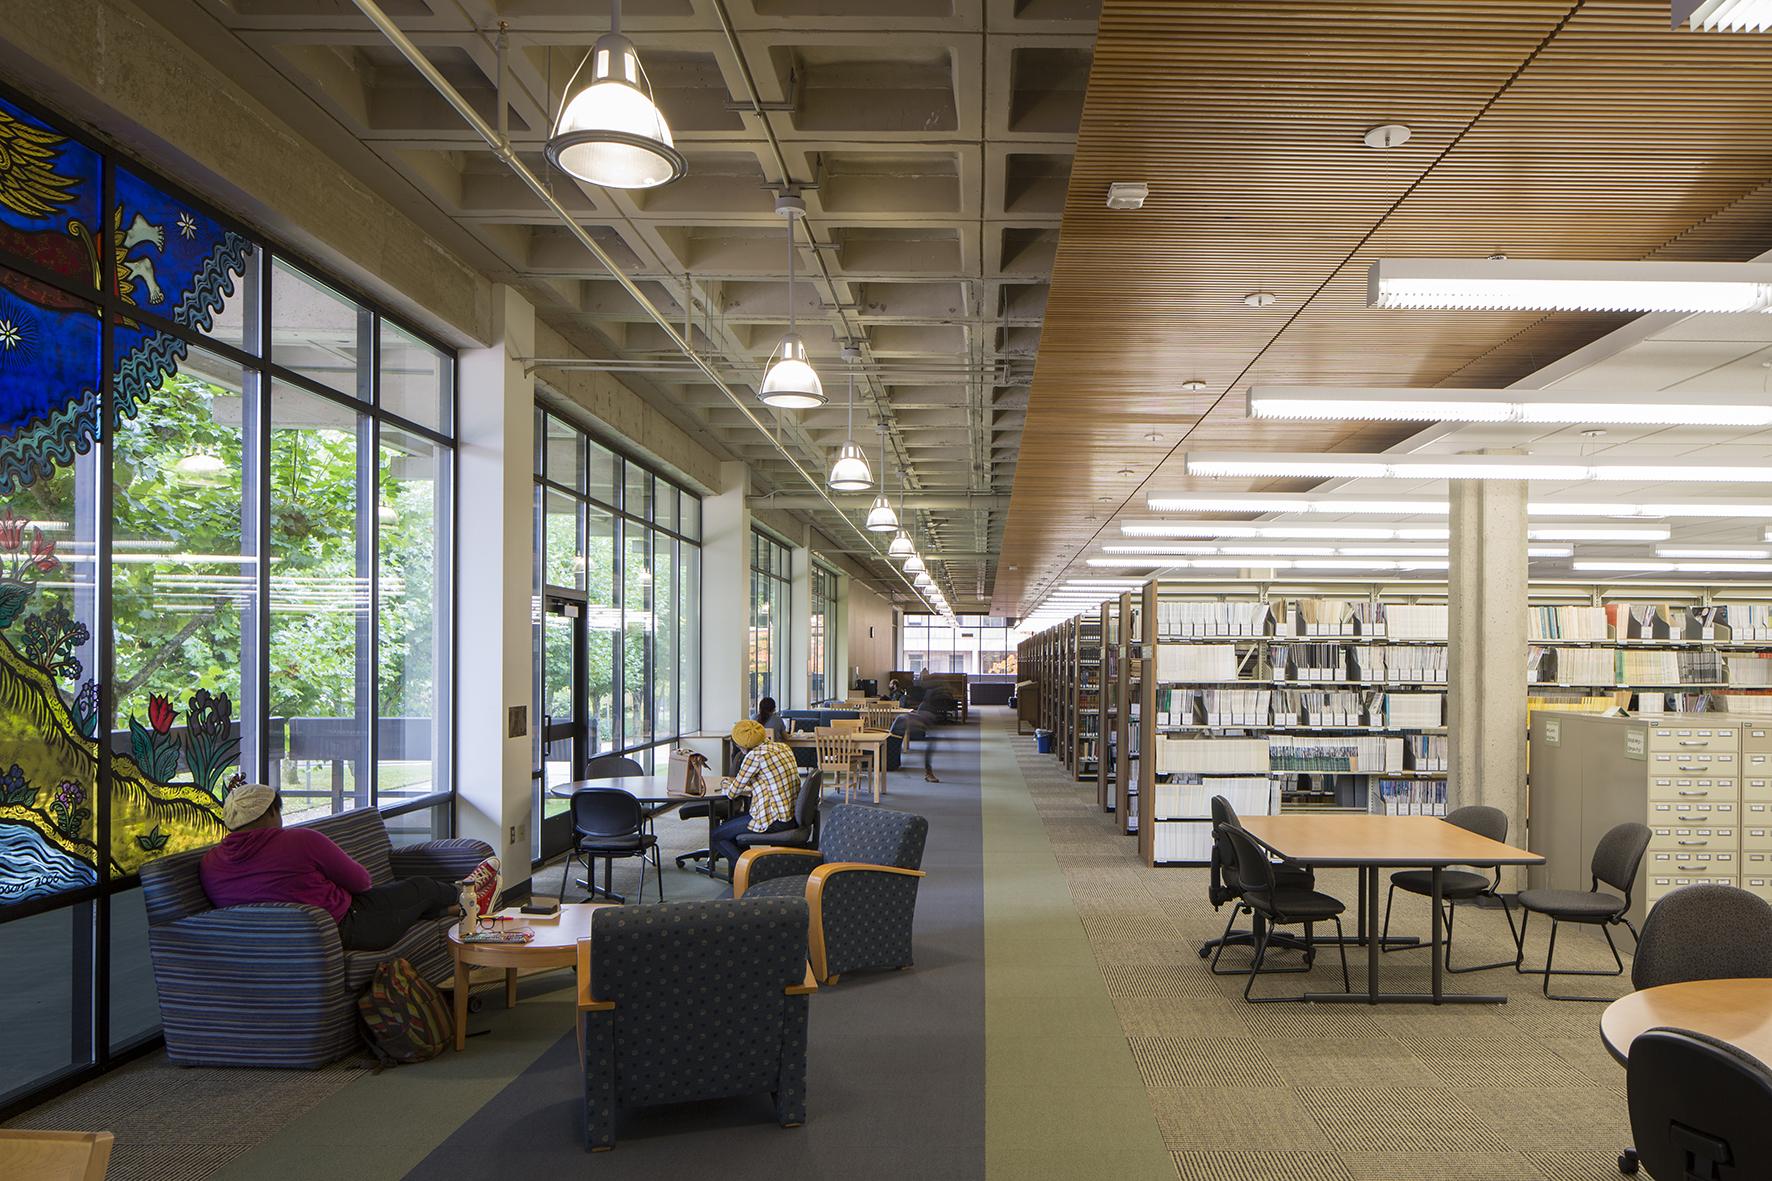 併設する大学キャンパスの施設も利用可能